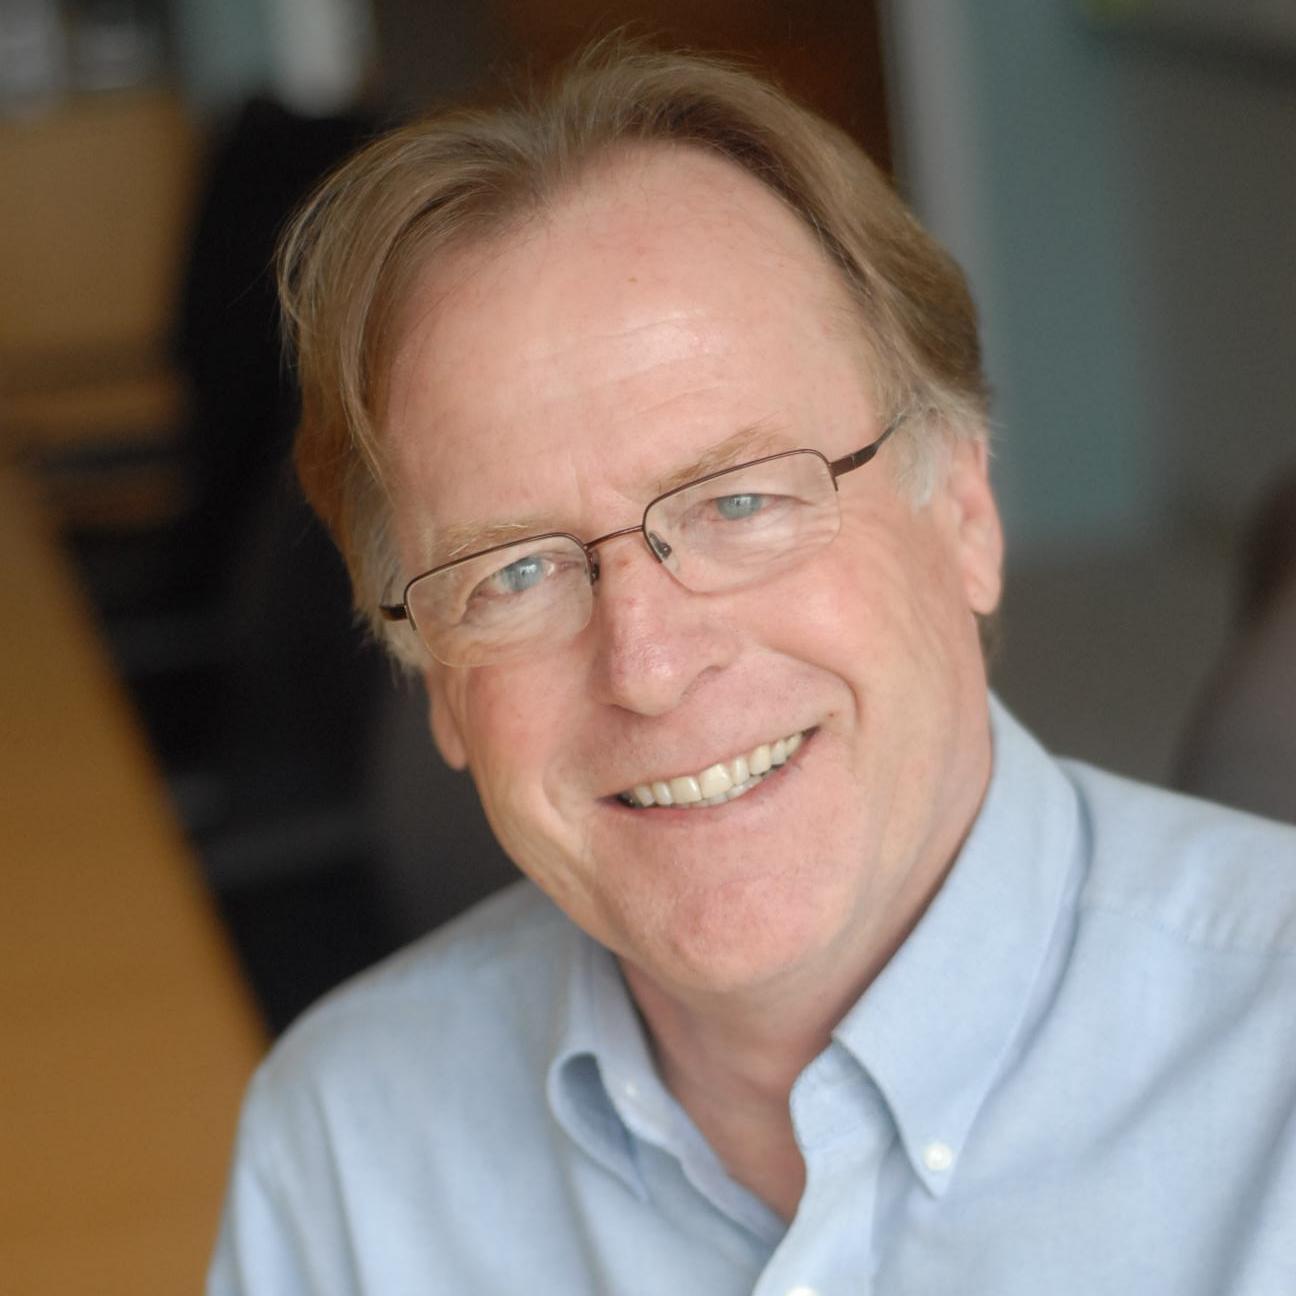 Kevin Bolejack